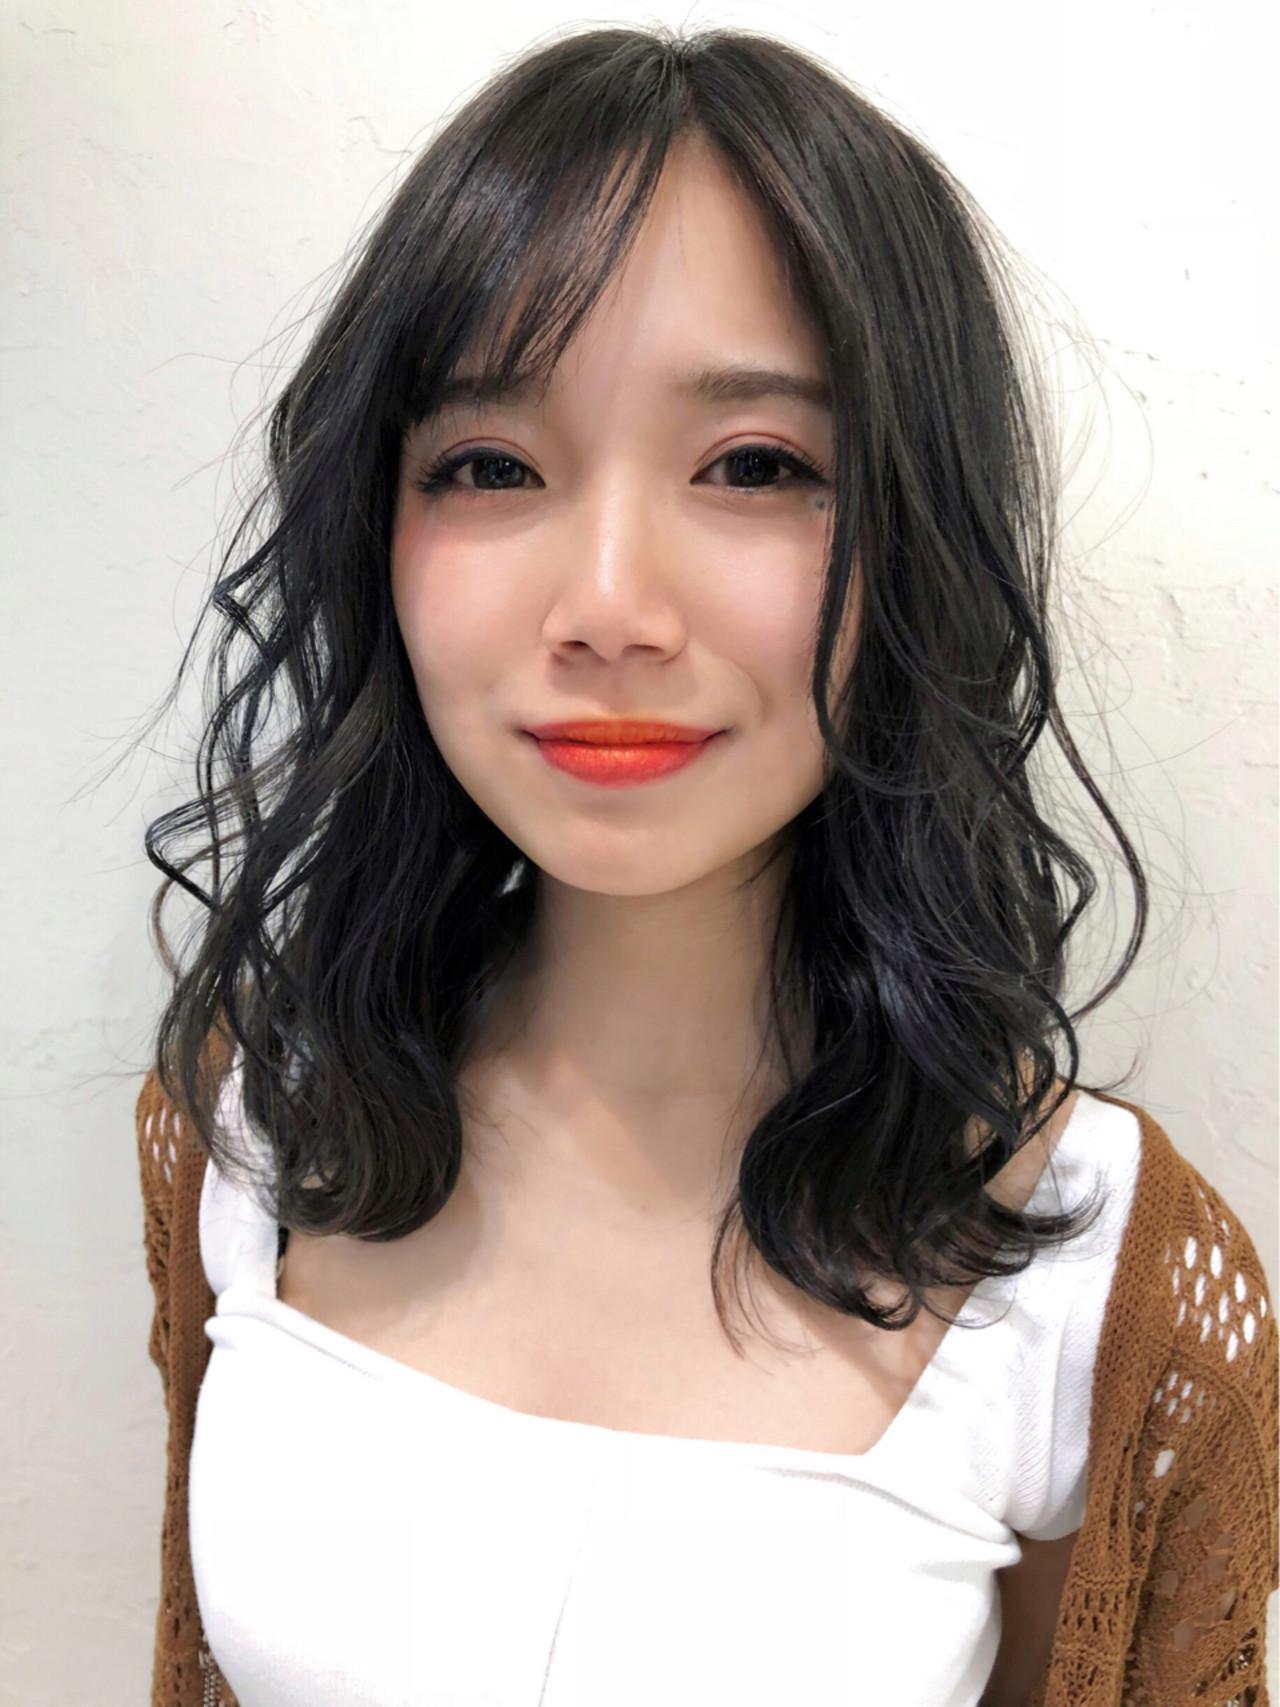 暗髪 ミディアム ゆるふわ グレージュ ヘアスタイルや髪型の写真・画像 | 池田 詩織 / BUMP